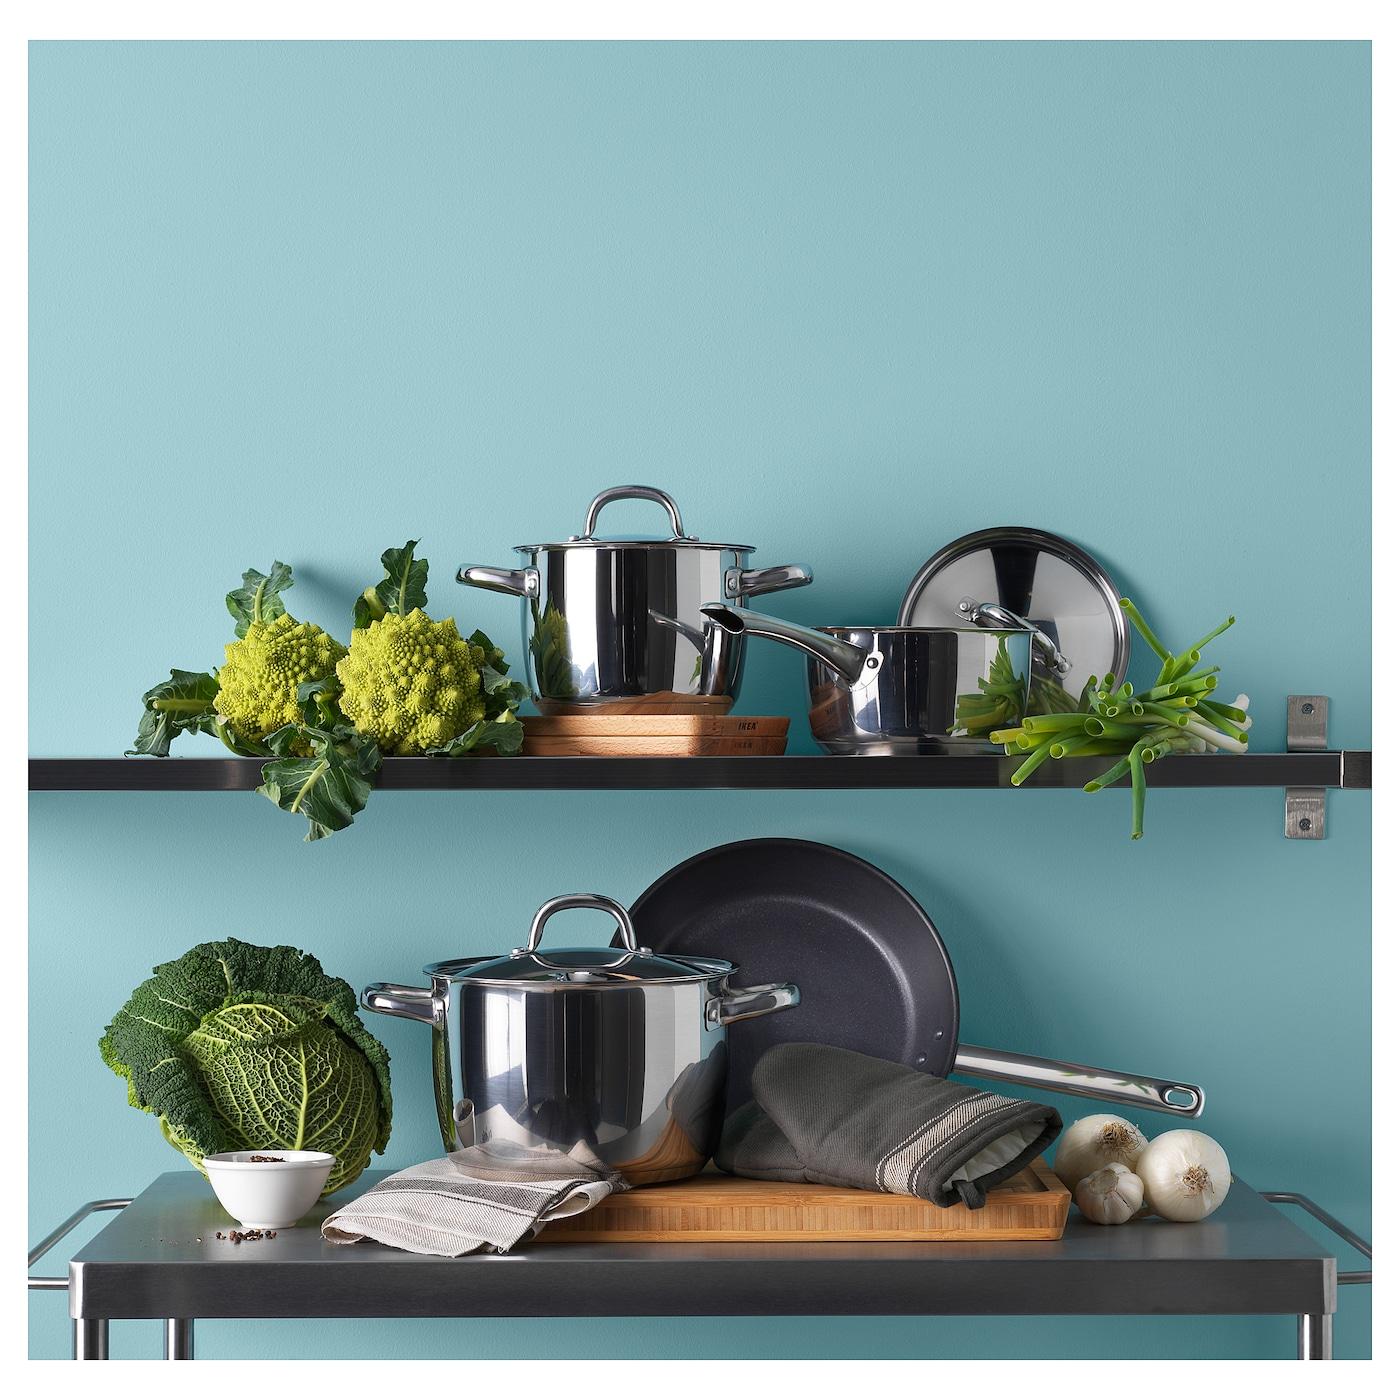 Ikea oumbärlig ustensiles de cuisine en acier inoxydable; 7 pièces casseroles poêles Couvercle